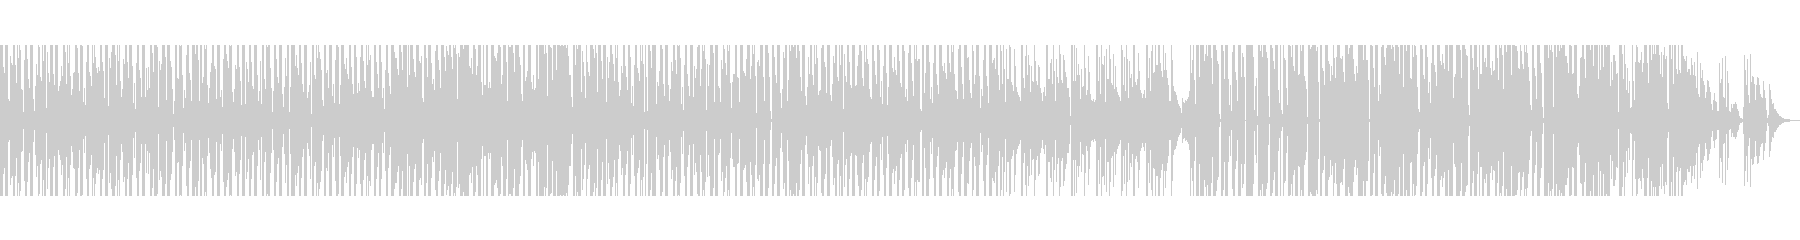 【シンセ無し】スペーシーファンクの未再生の波形